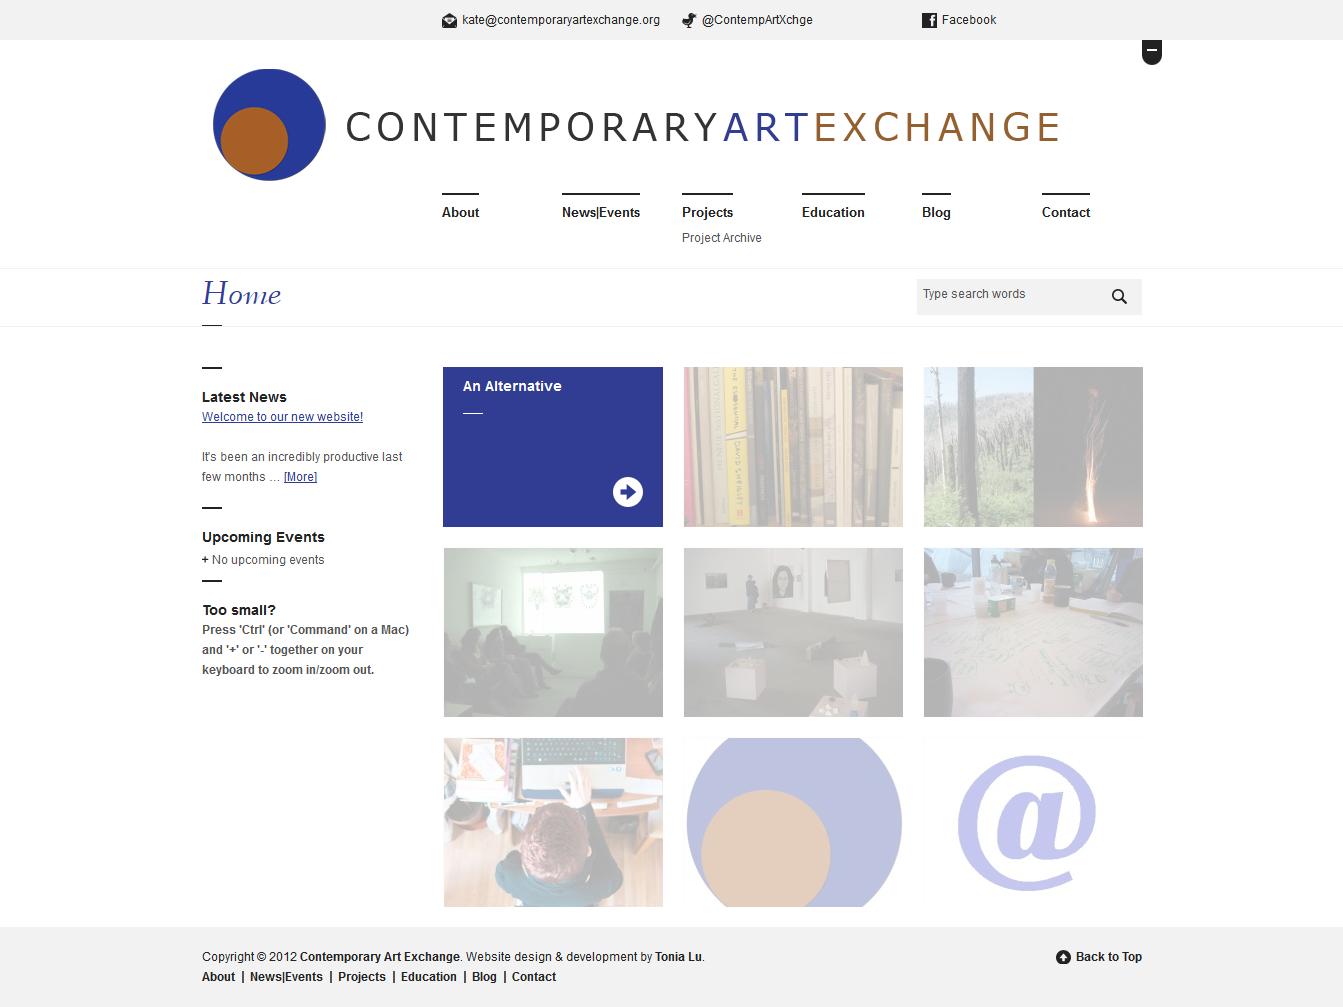 contemporary-art-exchange-2012-05-30-14-12-20